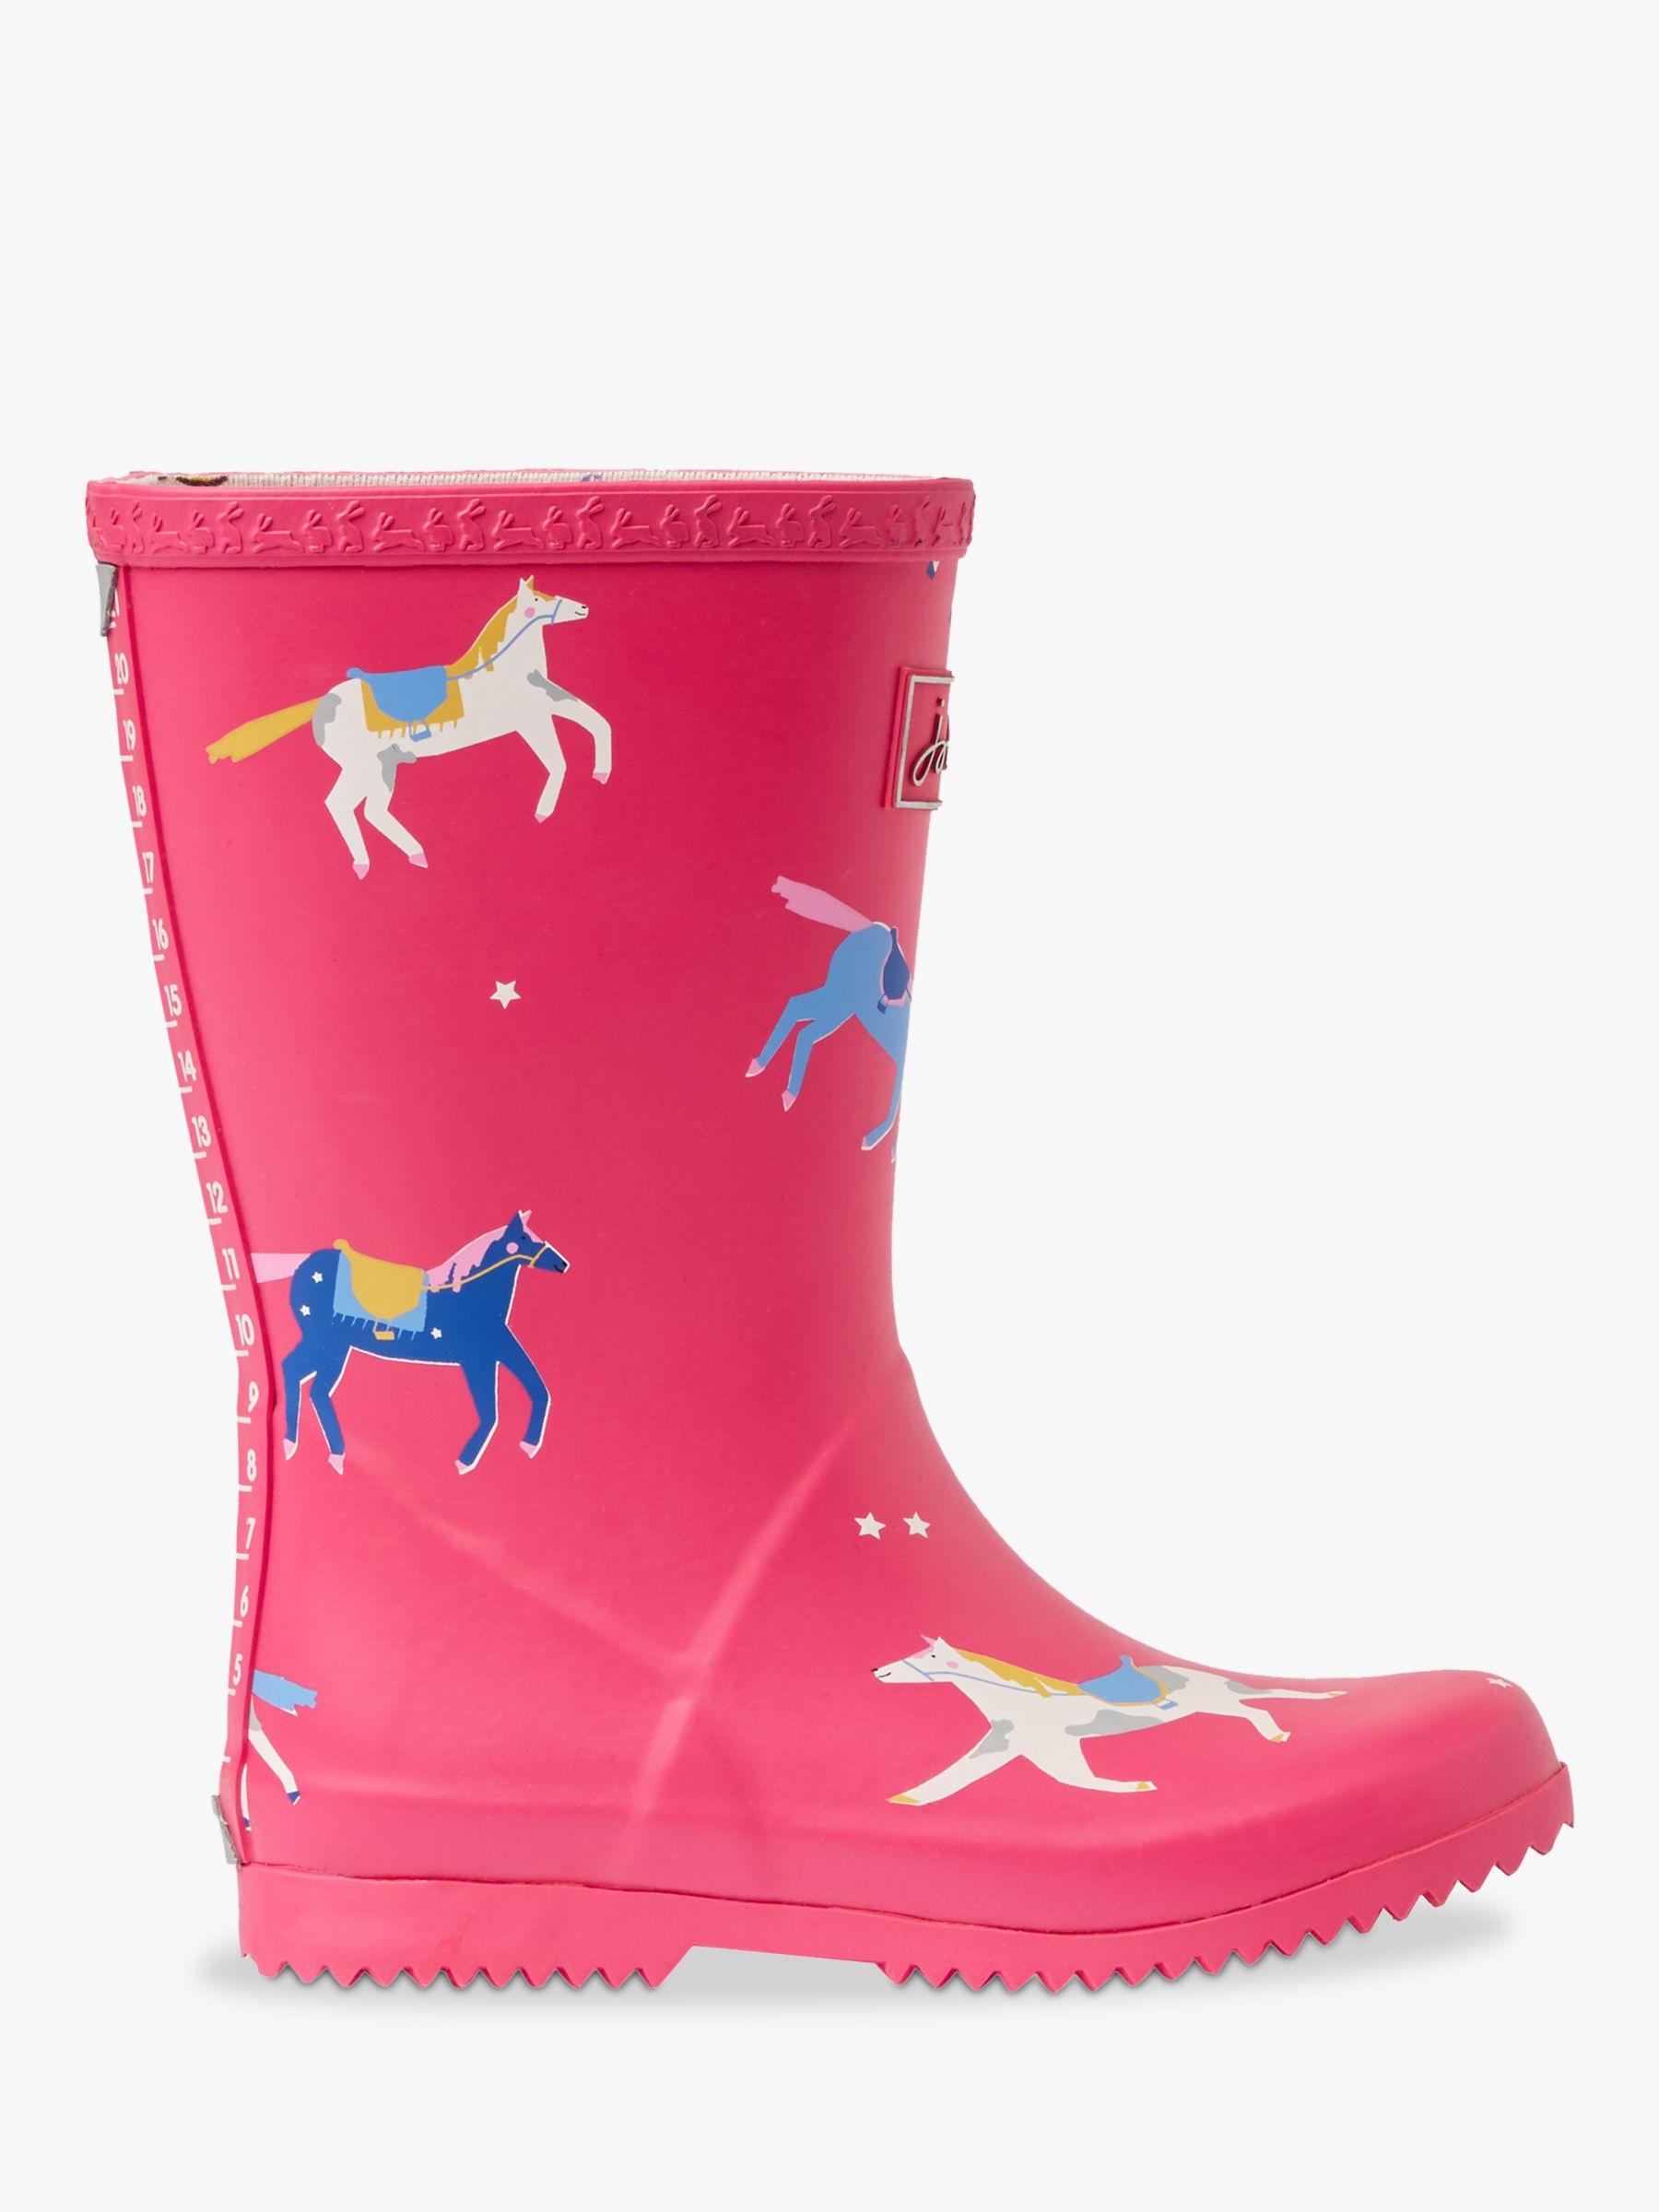 Joules Little Joule Children's Wellington Boots, Pink Horses